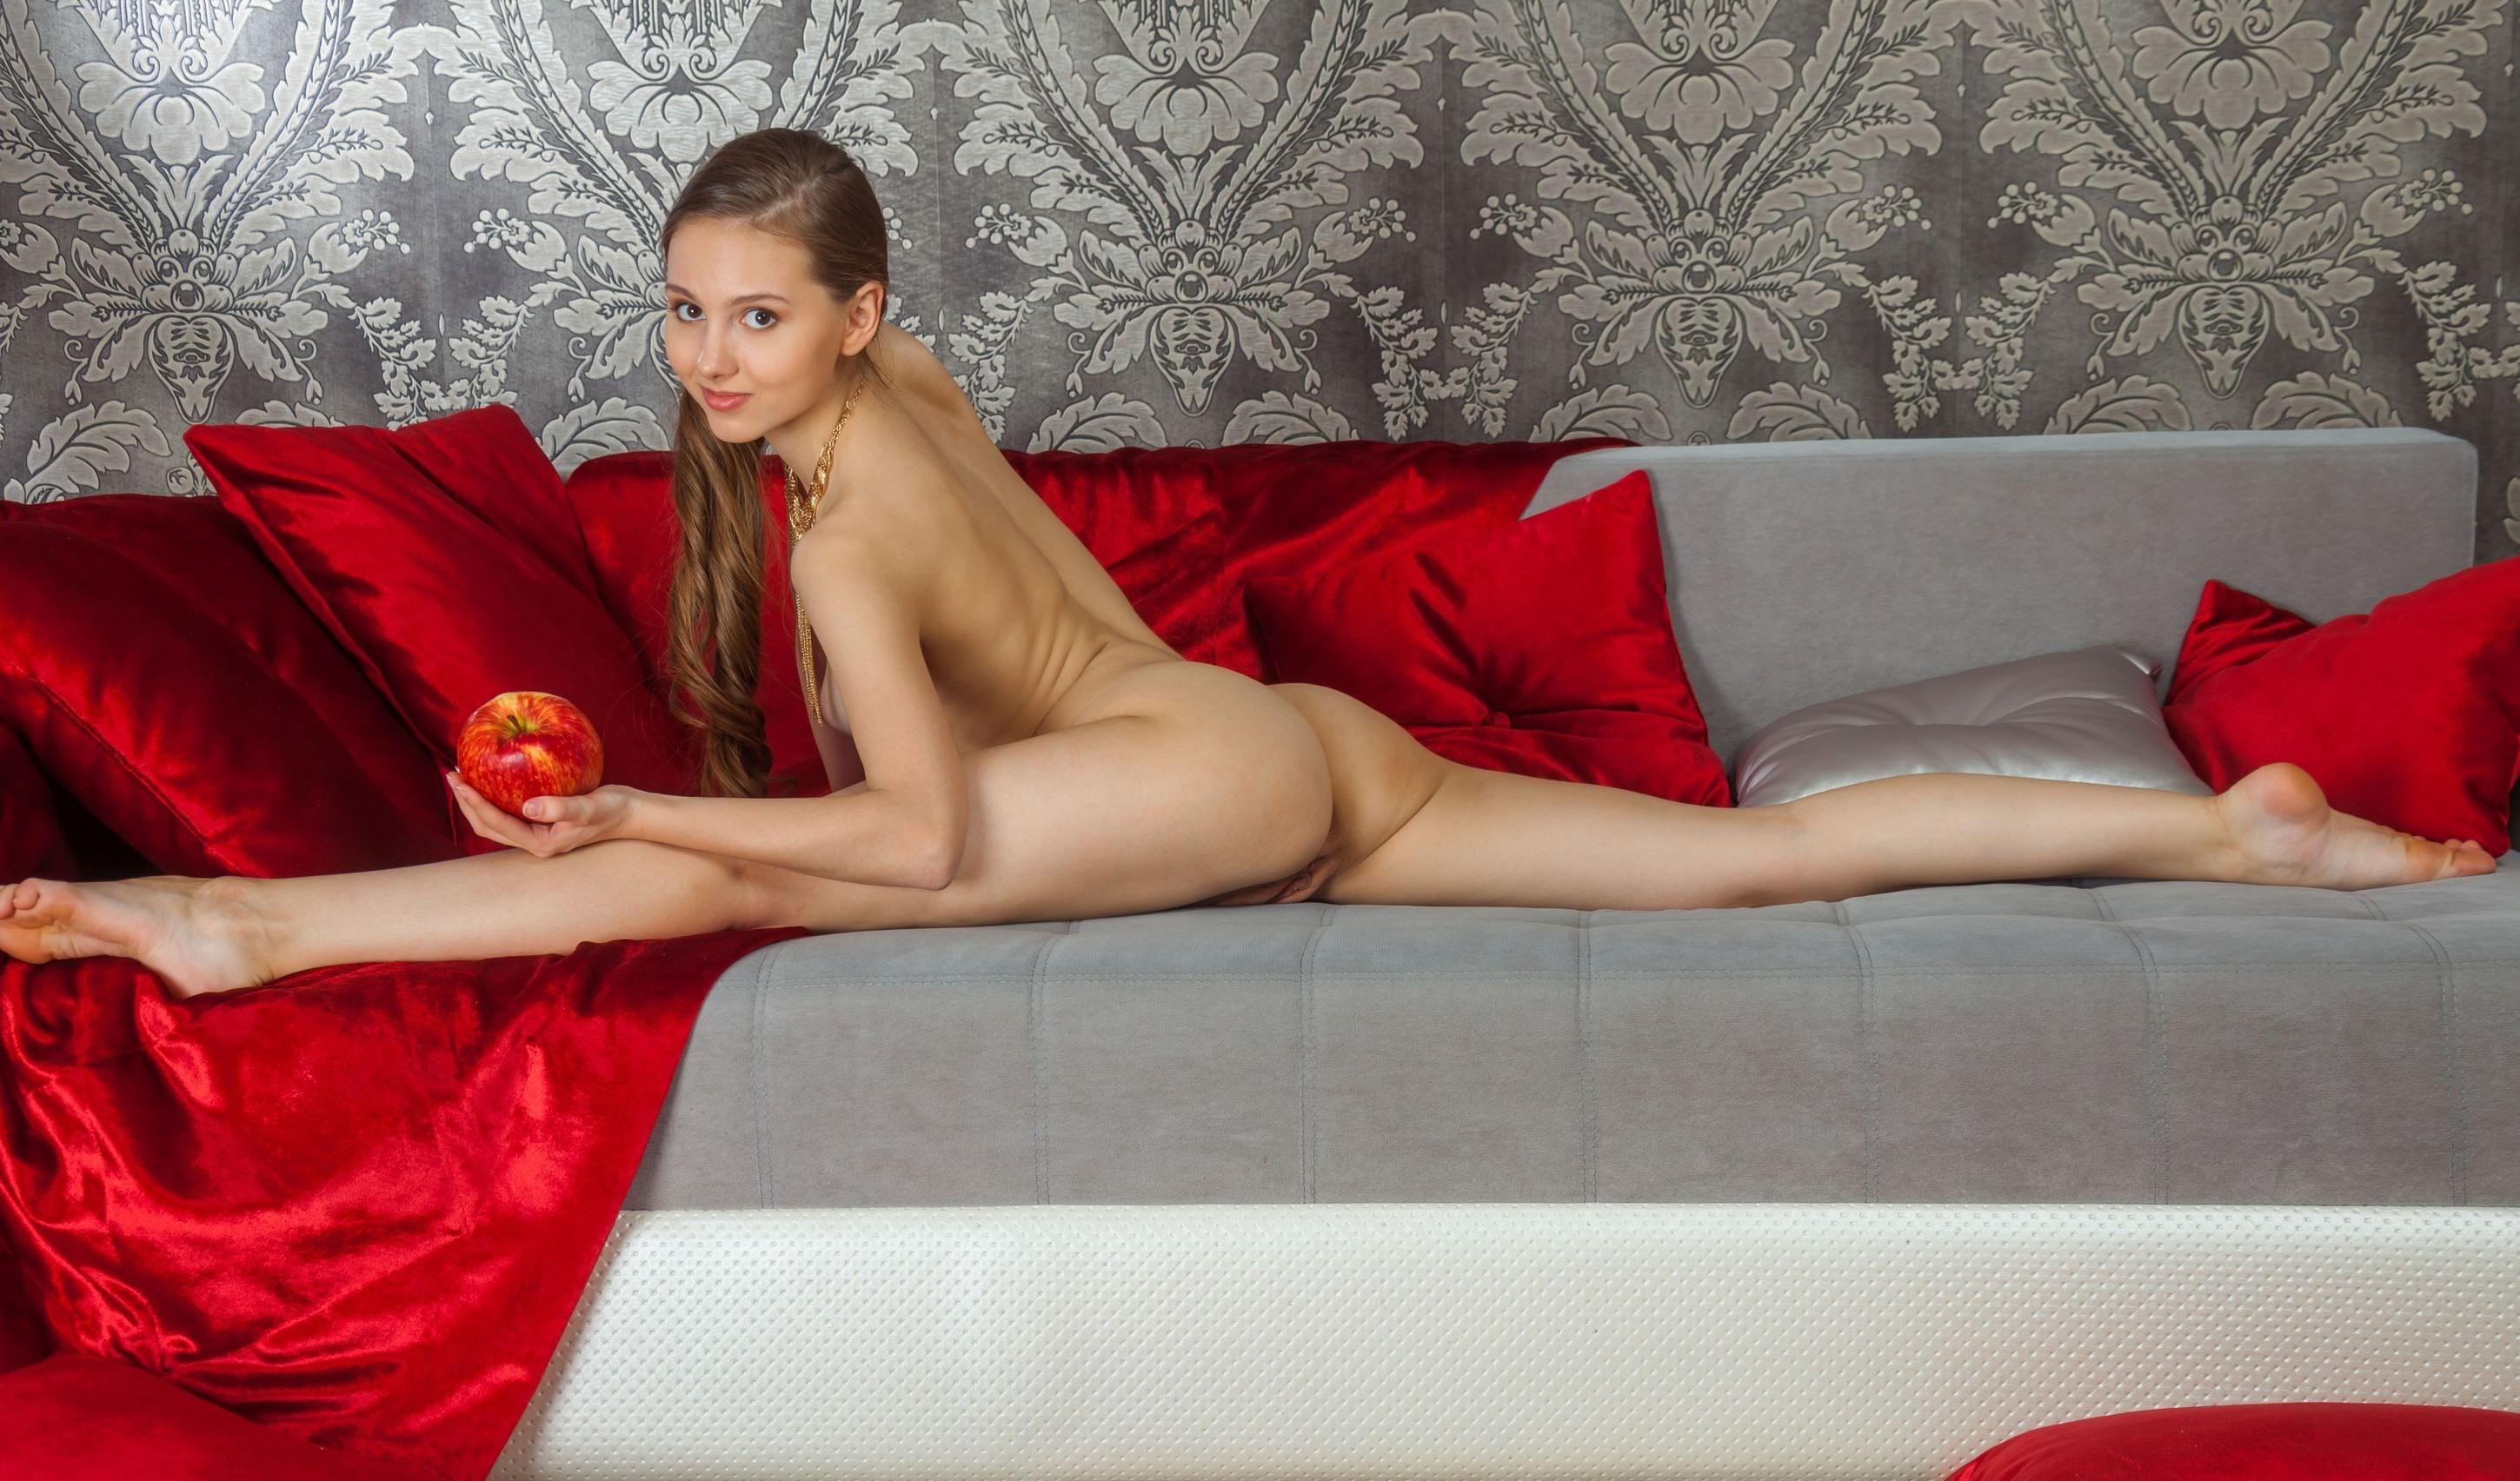 Фото Голая девчонка делает шпагат на диване, яблоко в руке, красные подушки, скачать картинку бесплатно